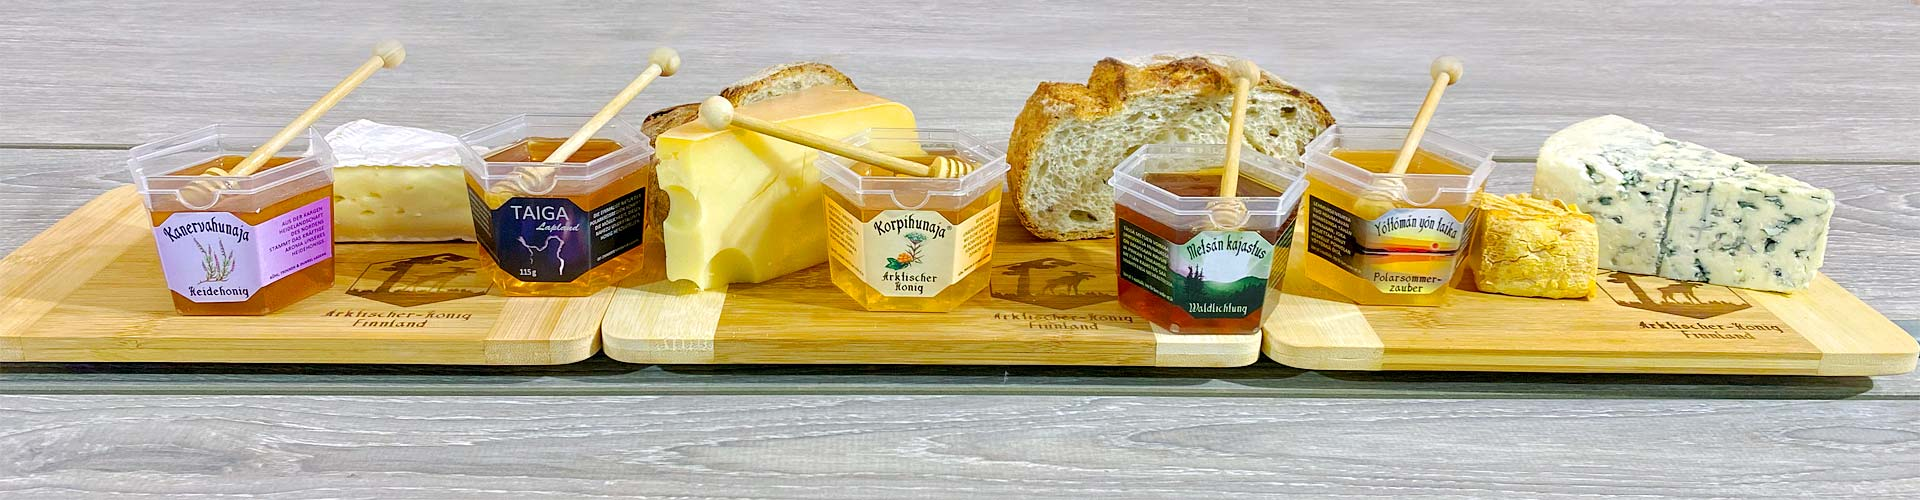 Käse mit Honig ist eine wunderbare Geschmackskombination!